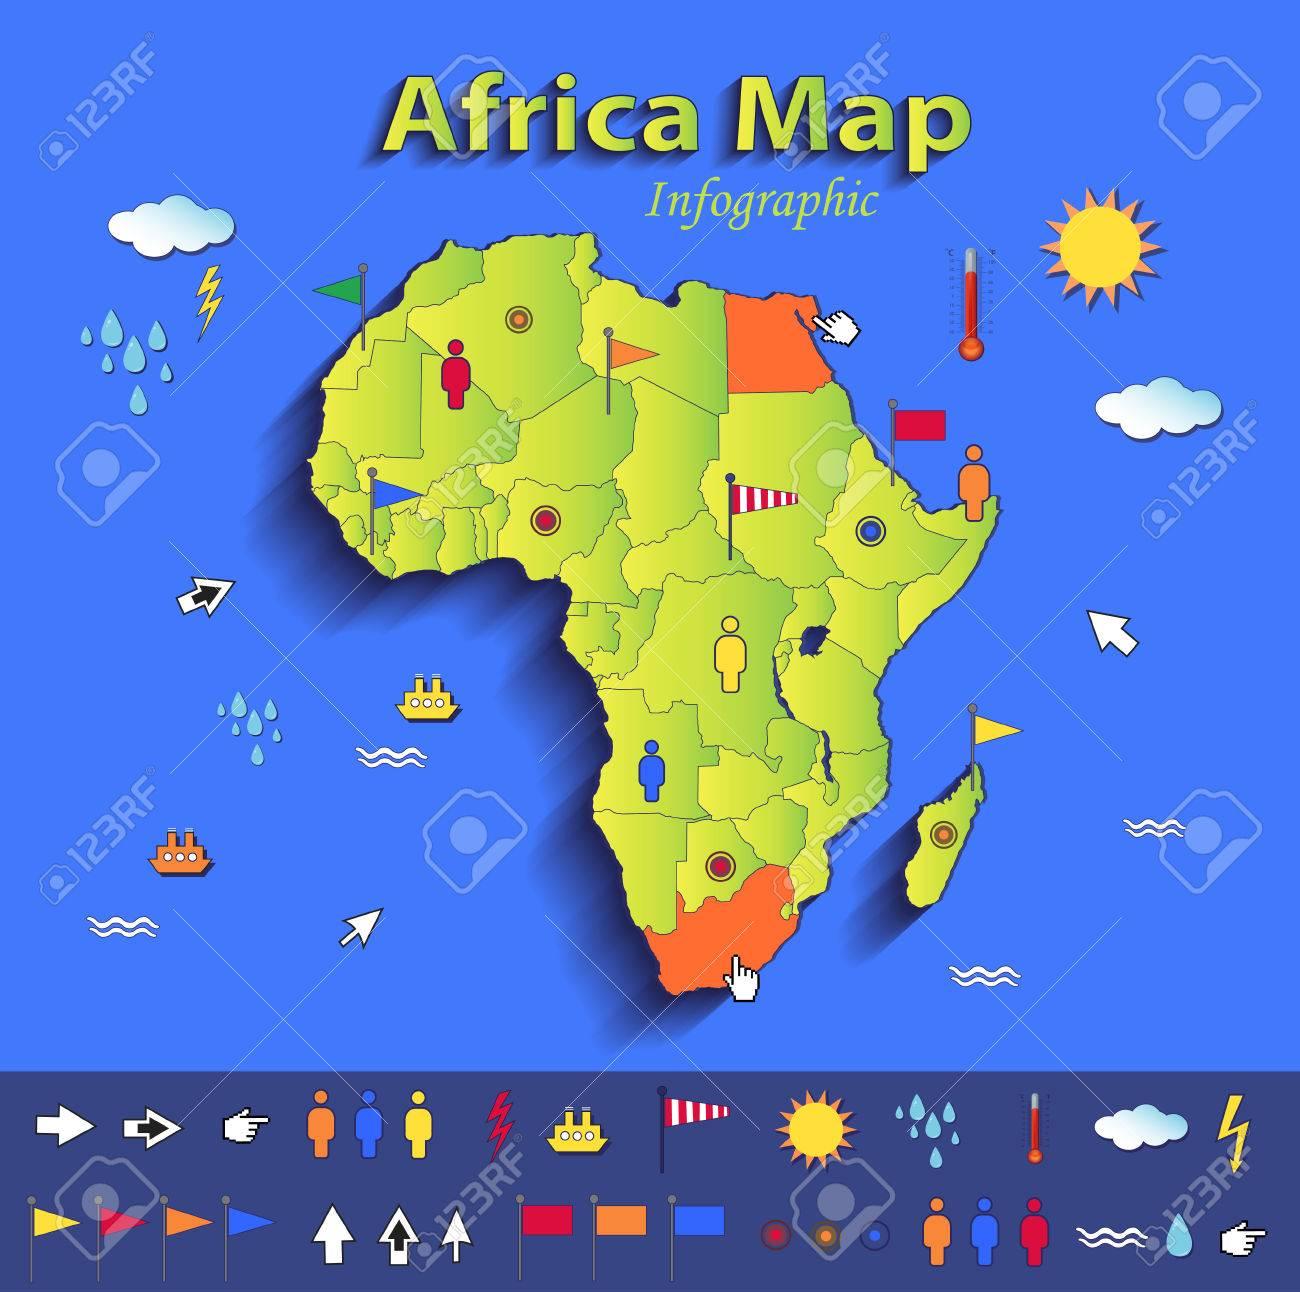 Afrika Karte Infografik Politische Landkarte Einzelnen Staaten